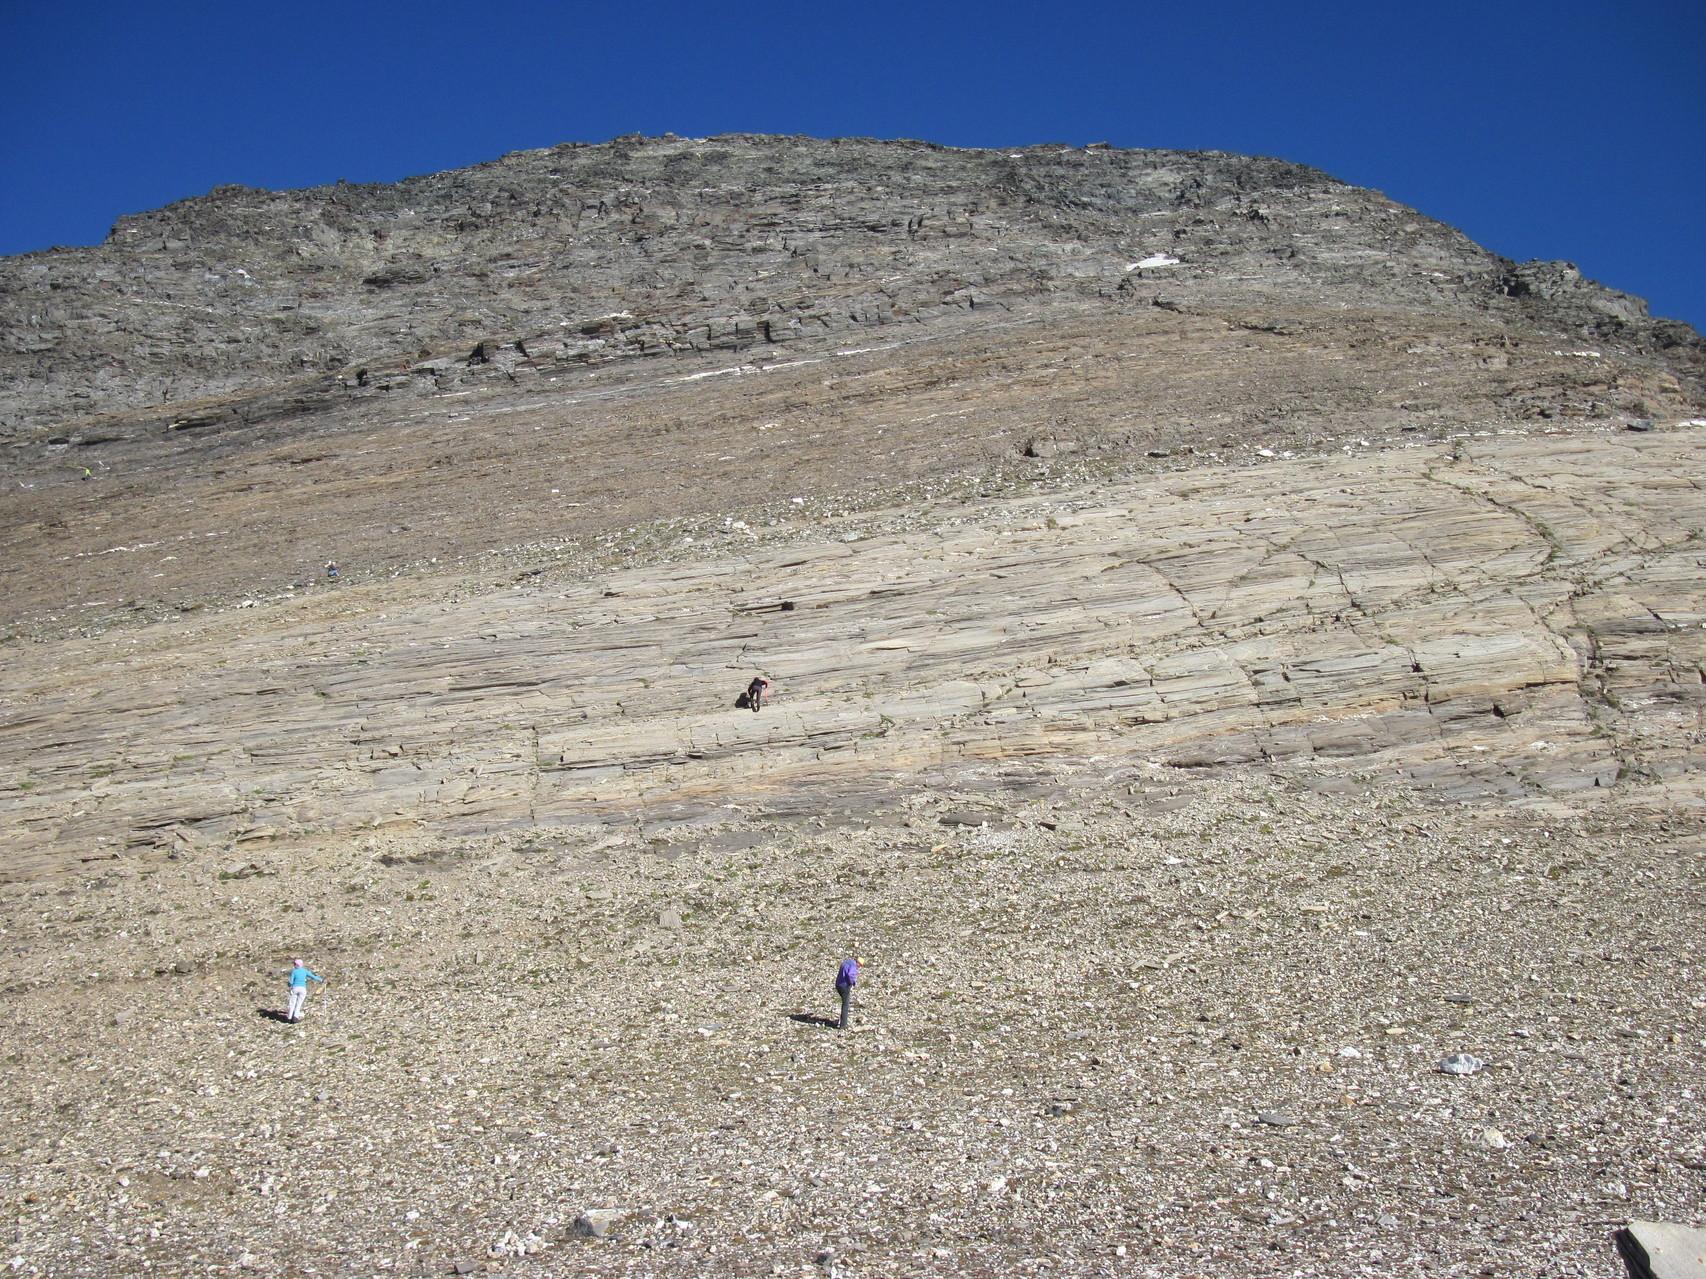 Suchen nach Rutil in der unendlichen Gesteinswüste